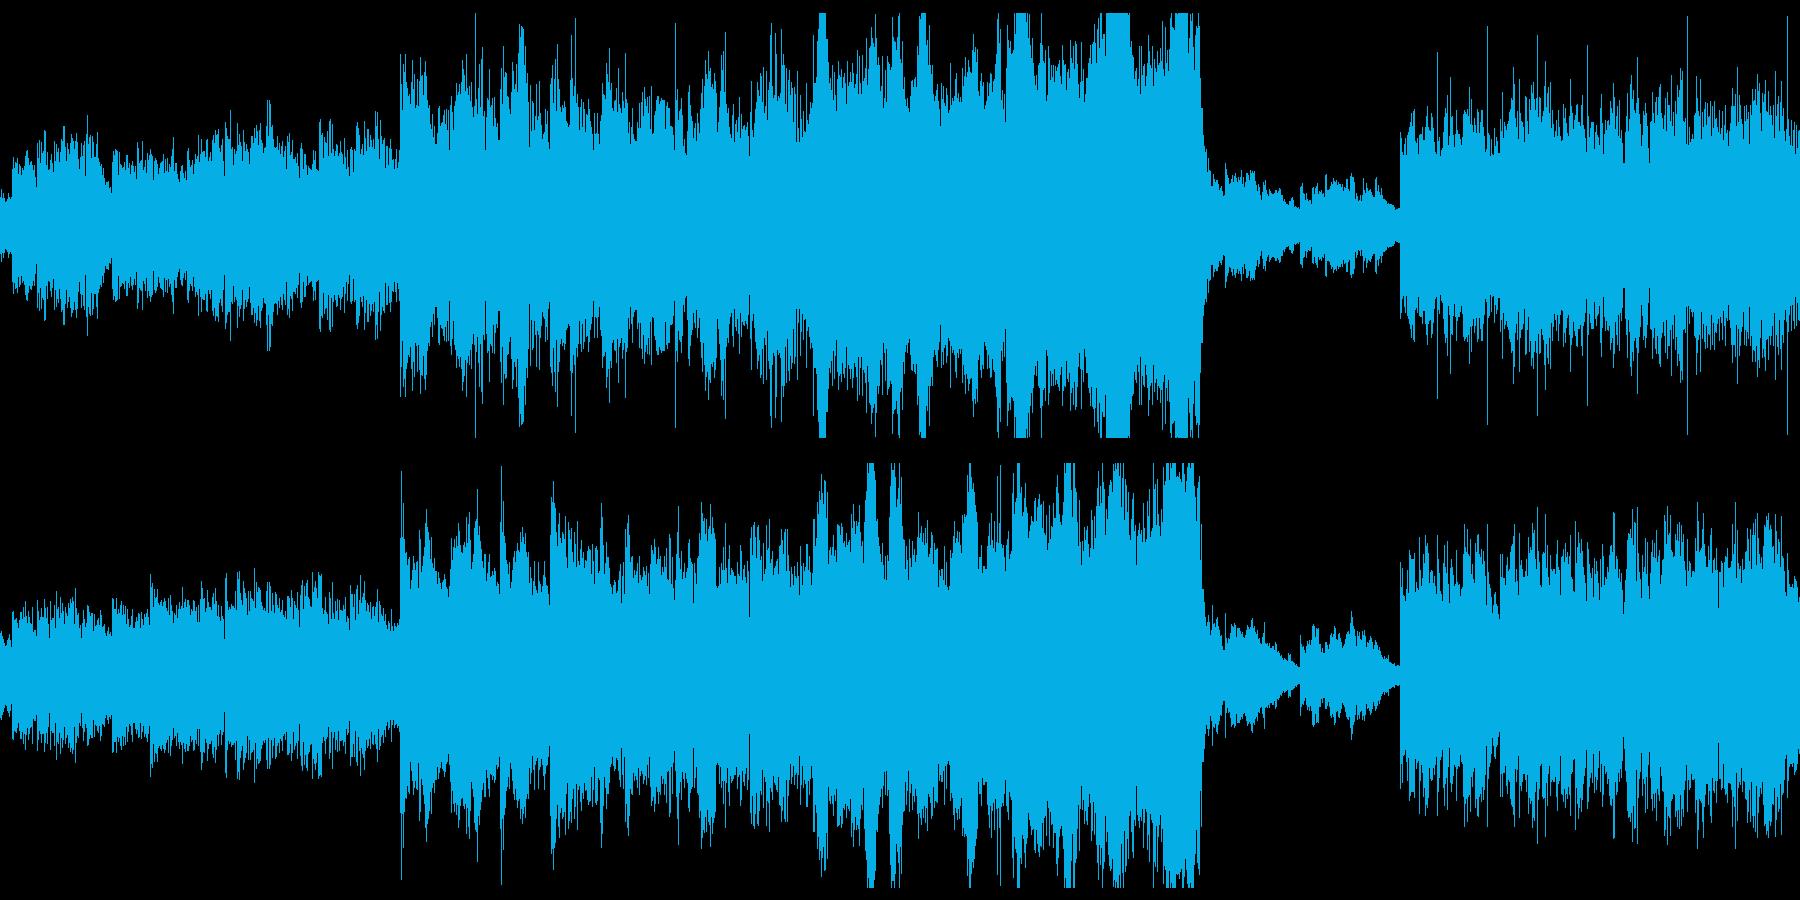 壮大な和風オーケストラの再生済みの波形